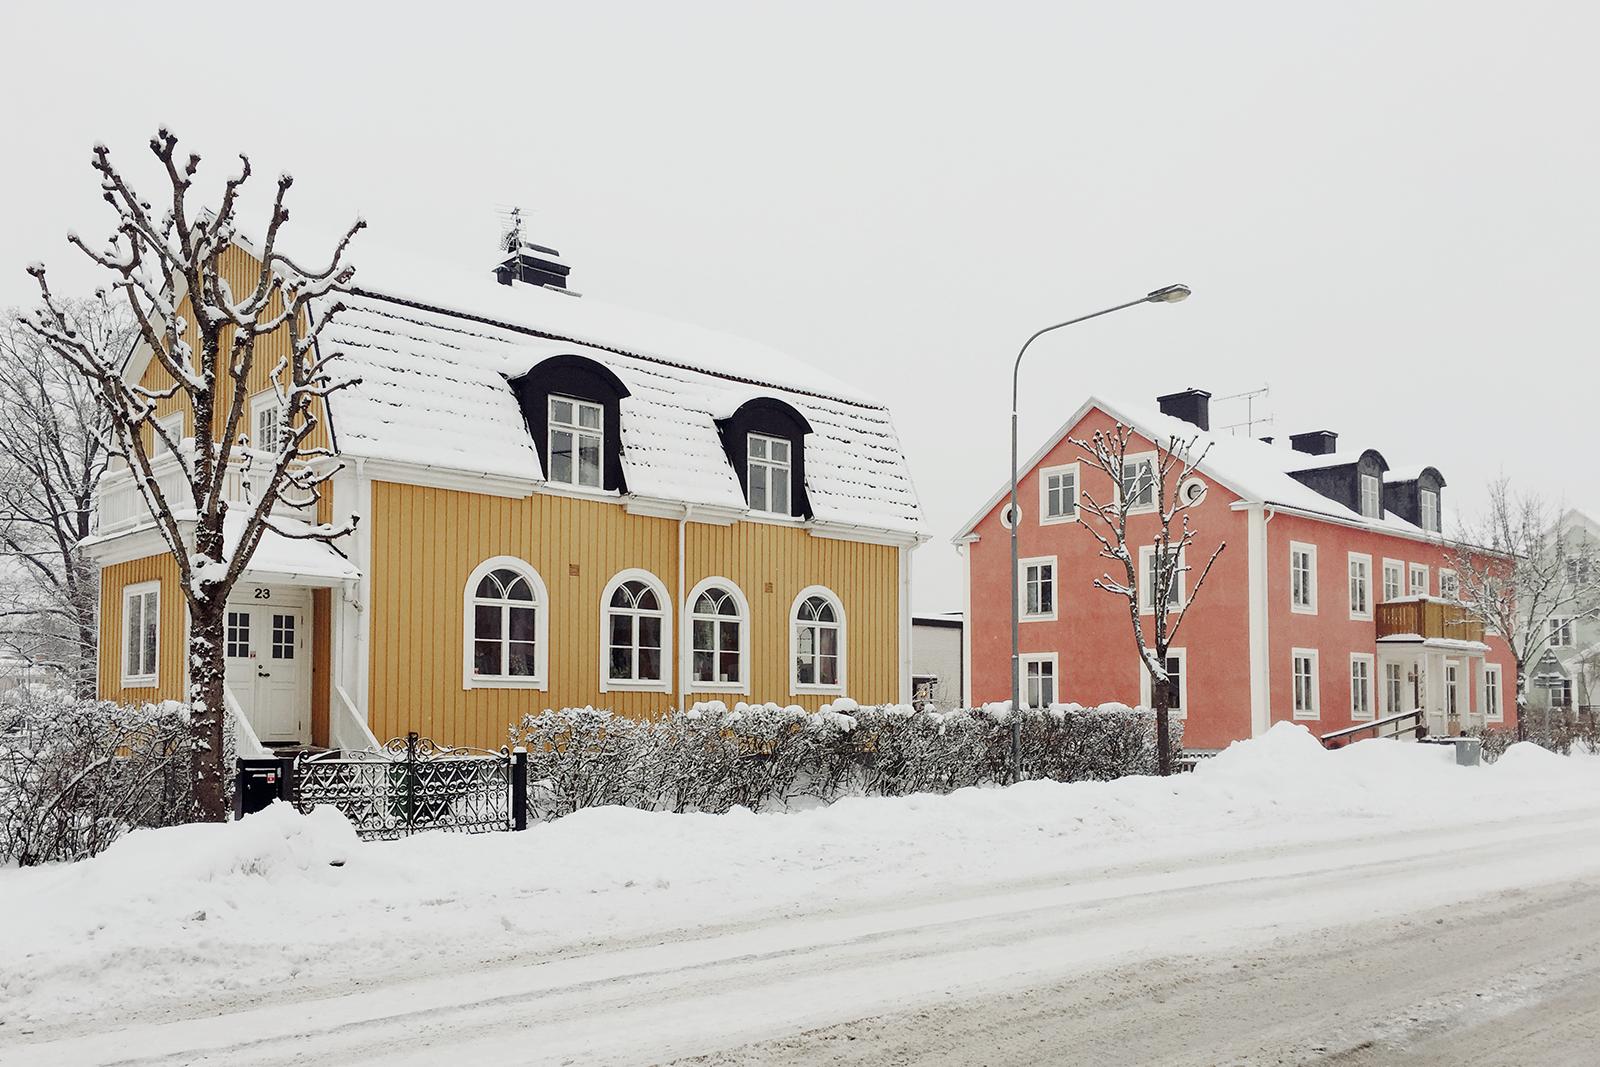 Det har kanskje vært Sibir-kulde, men Eksjöer like søt som alltid!